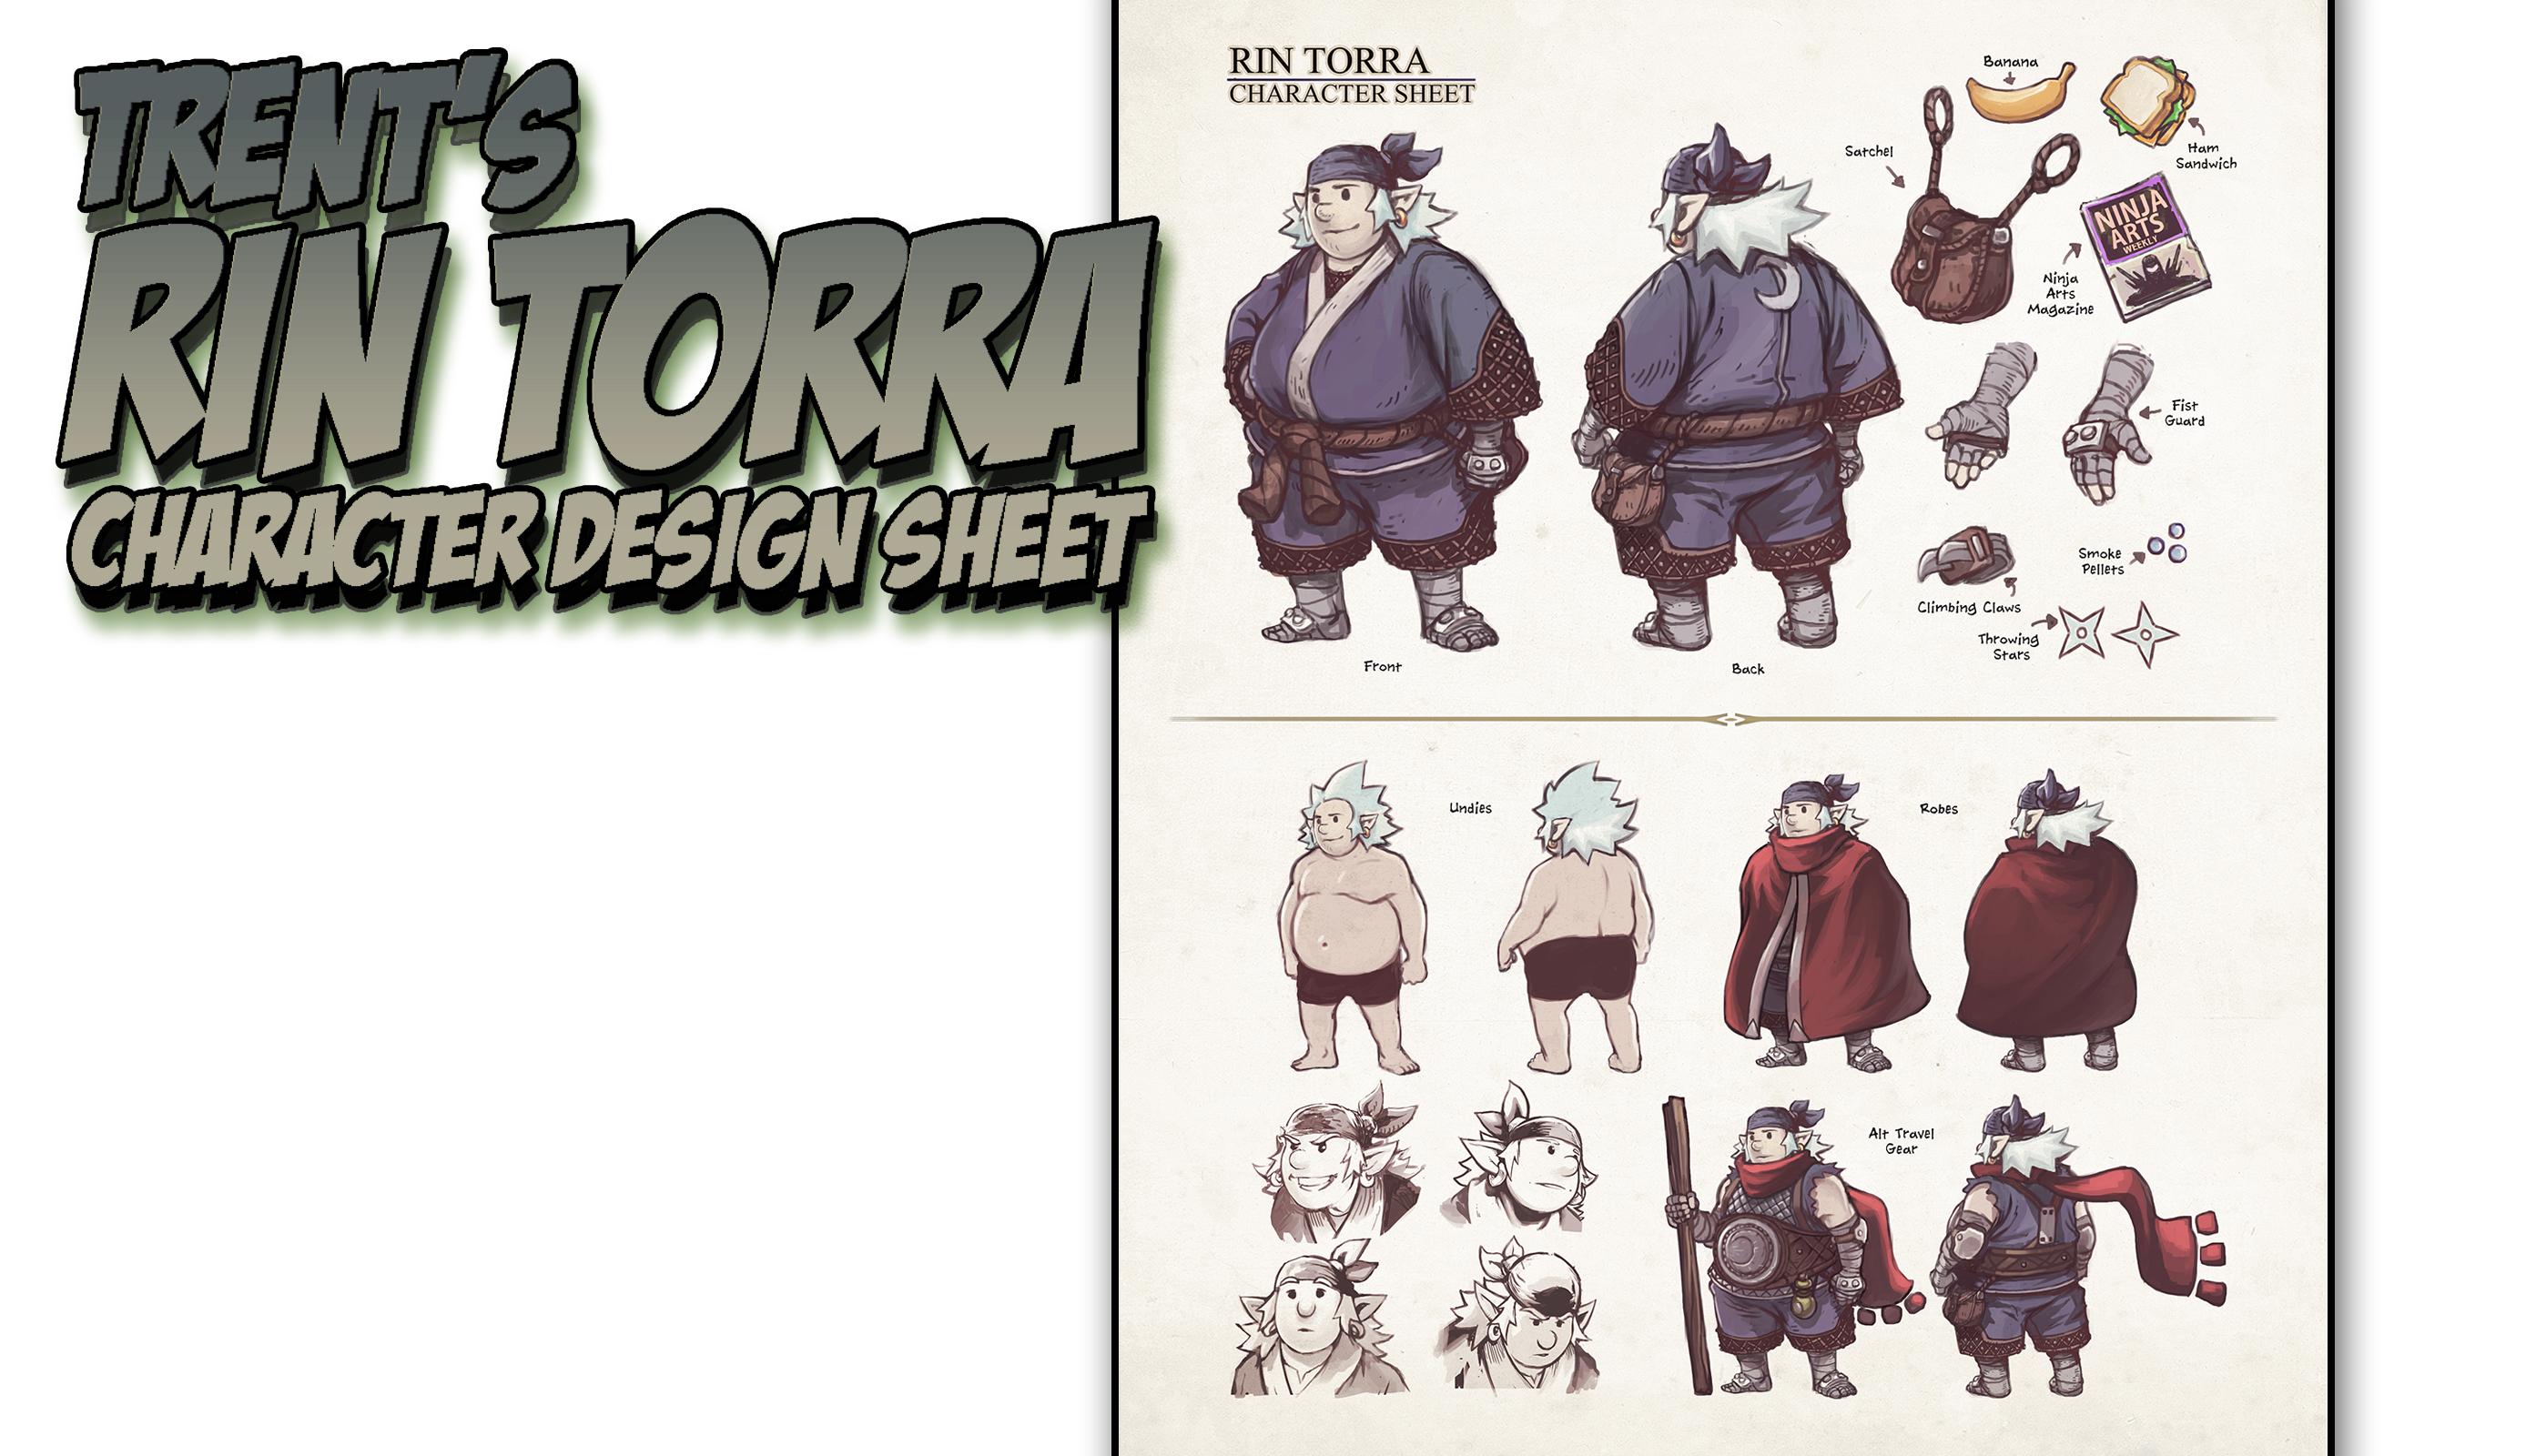 Trent S Rin Torra Character Design Sheet Lesson : Trent s rin torra character design sheet lesson